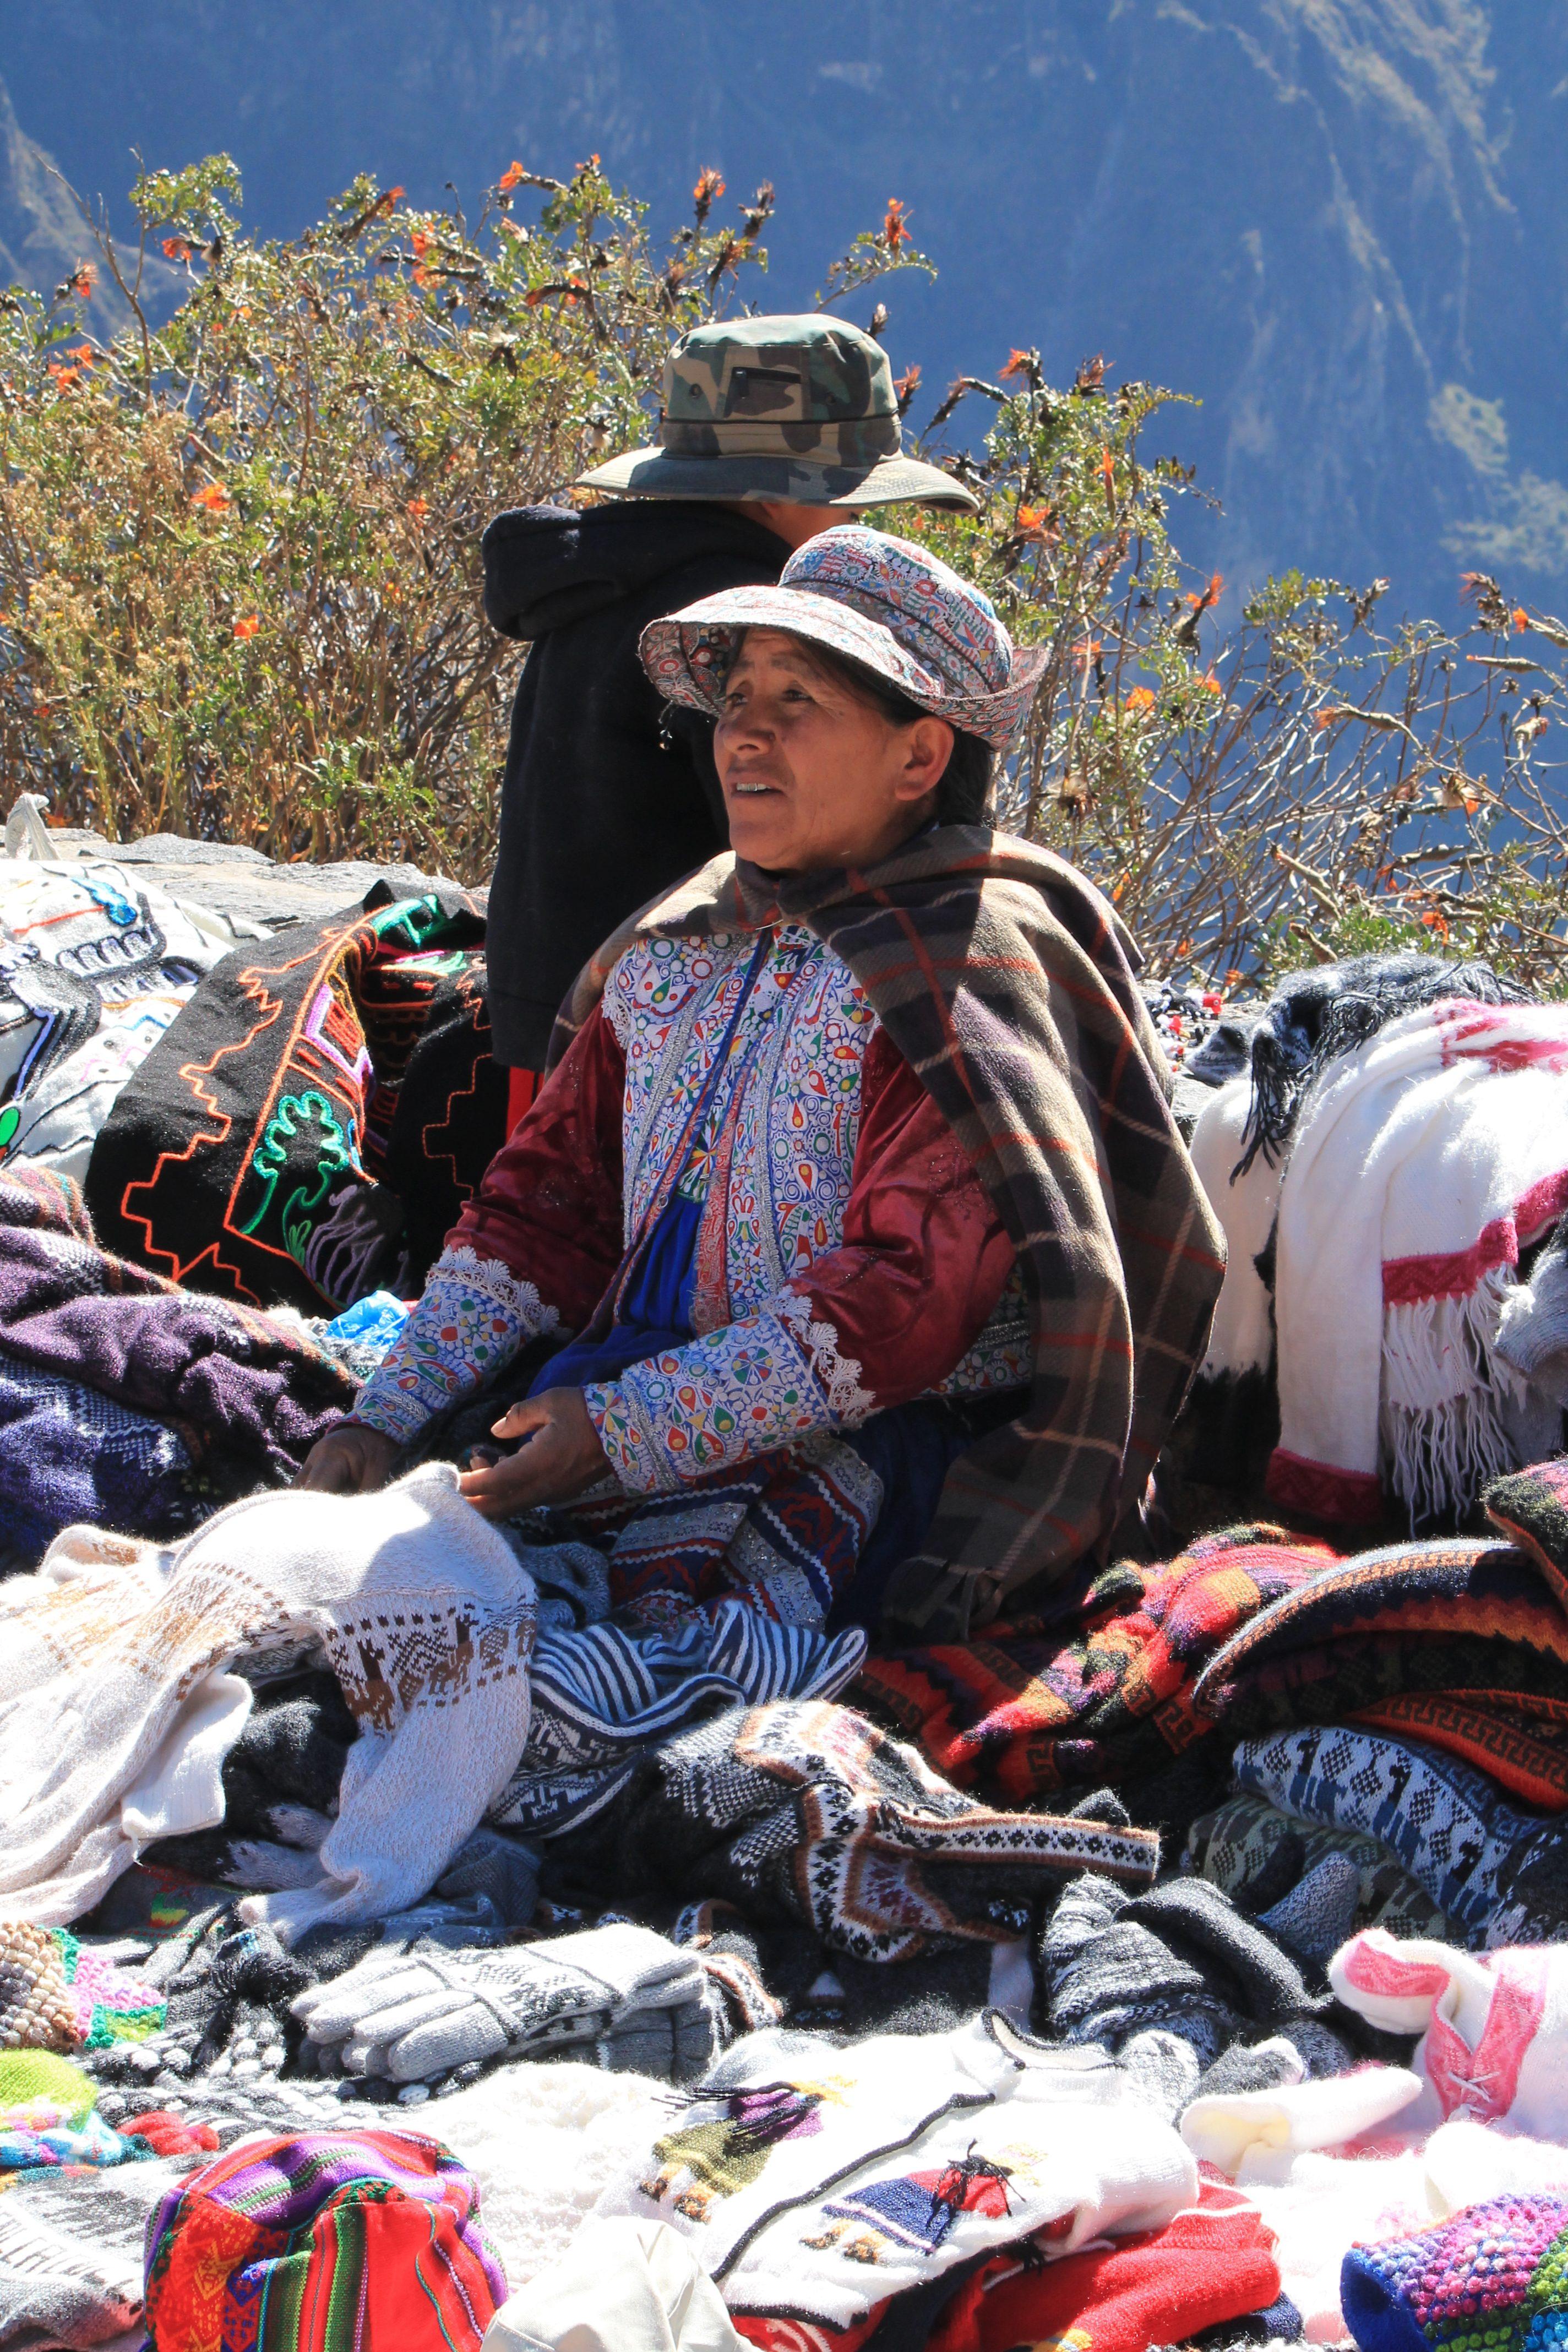 COSA VEDERE IN PERU', DONNA IN VESTITI TIPICI PERUVIANI AL COLCA CANYON